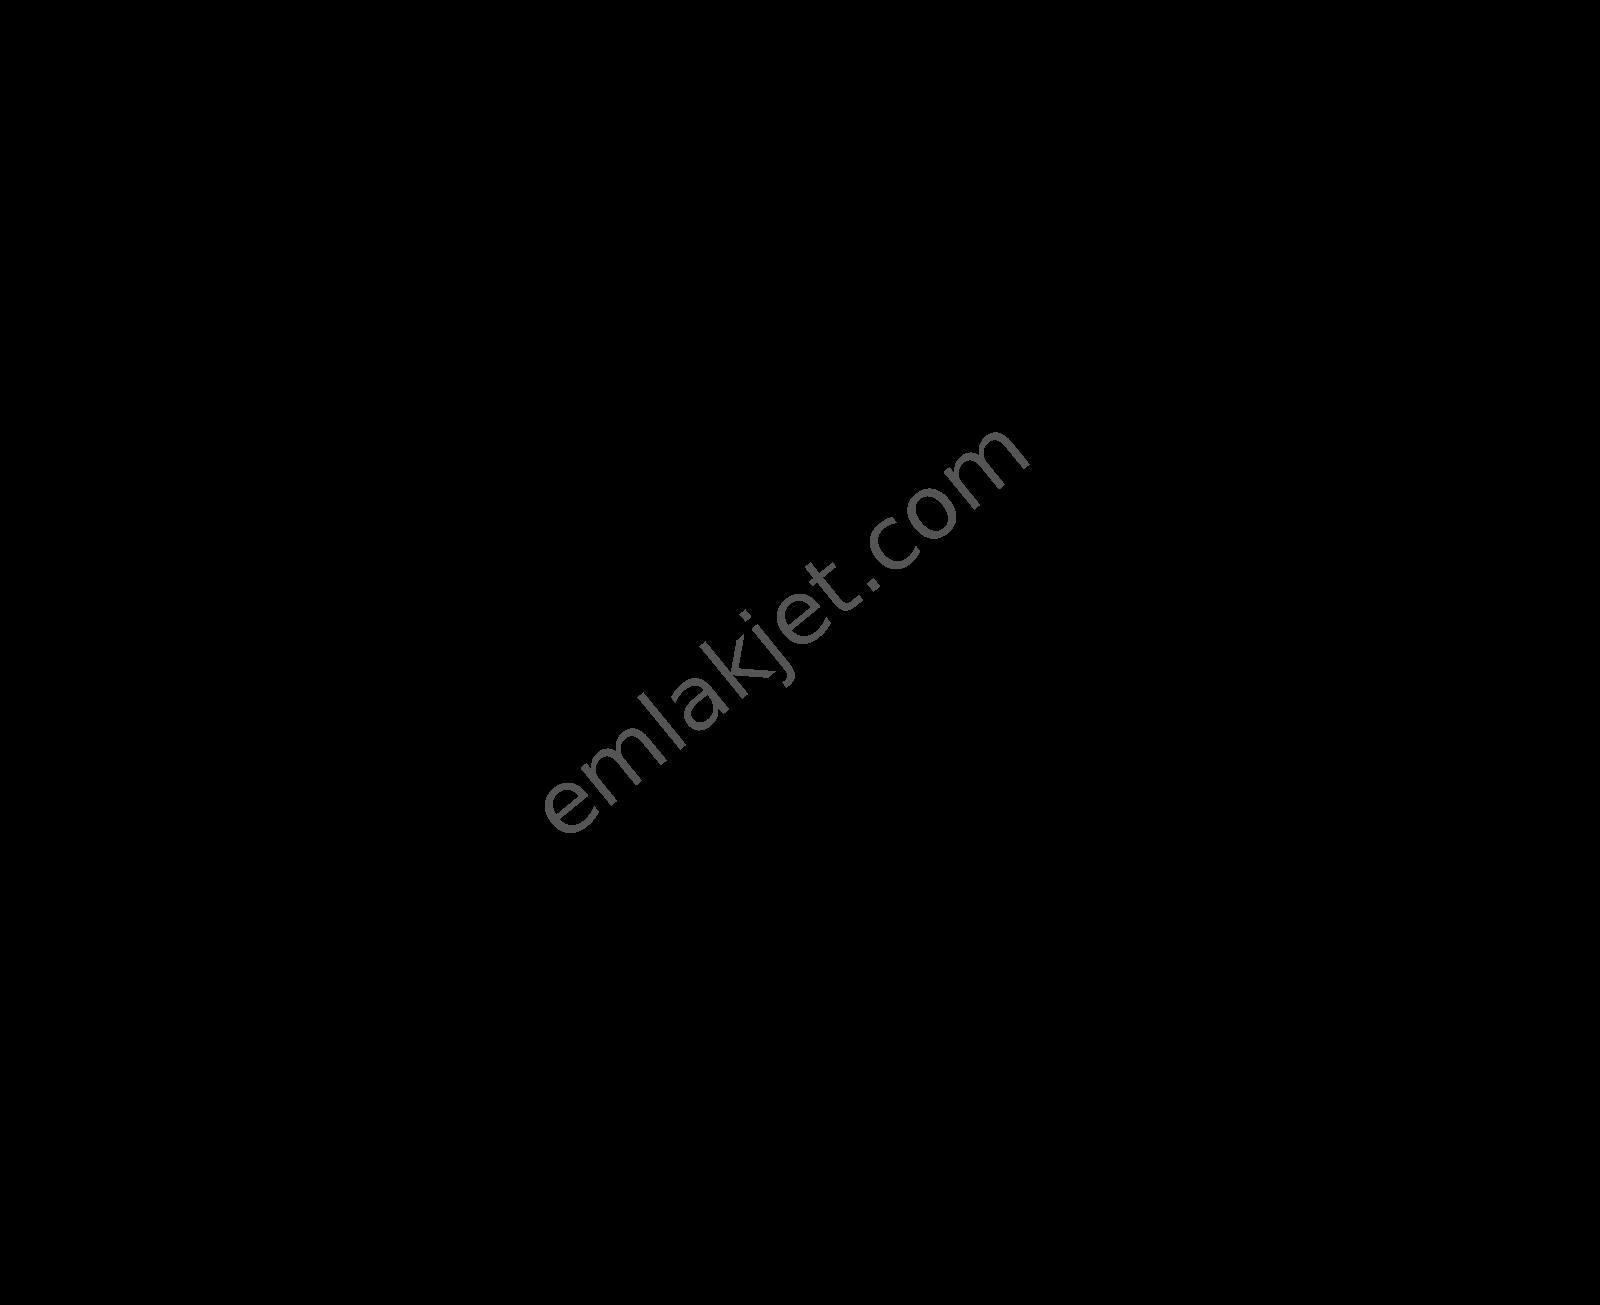 https://imaj.emlakjet.com/listing/9406389/99A6AF4BC2663D75C02D3E169826C21D9406389.jpg